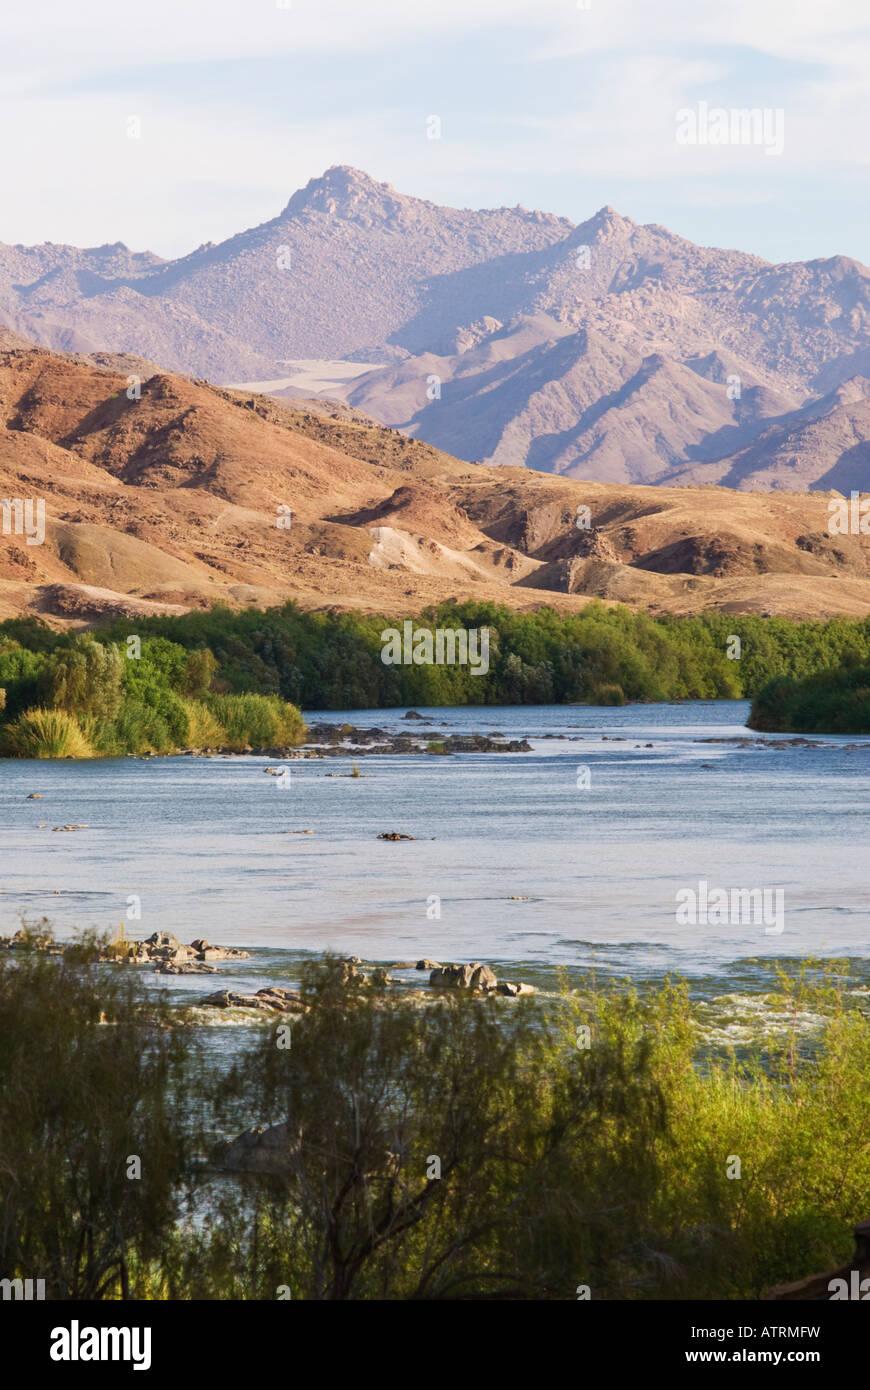 Ai Ais Richtersveld Transfrontier National Park at De Hoop Rest Camp with Orange River - Stock Image